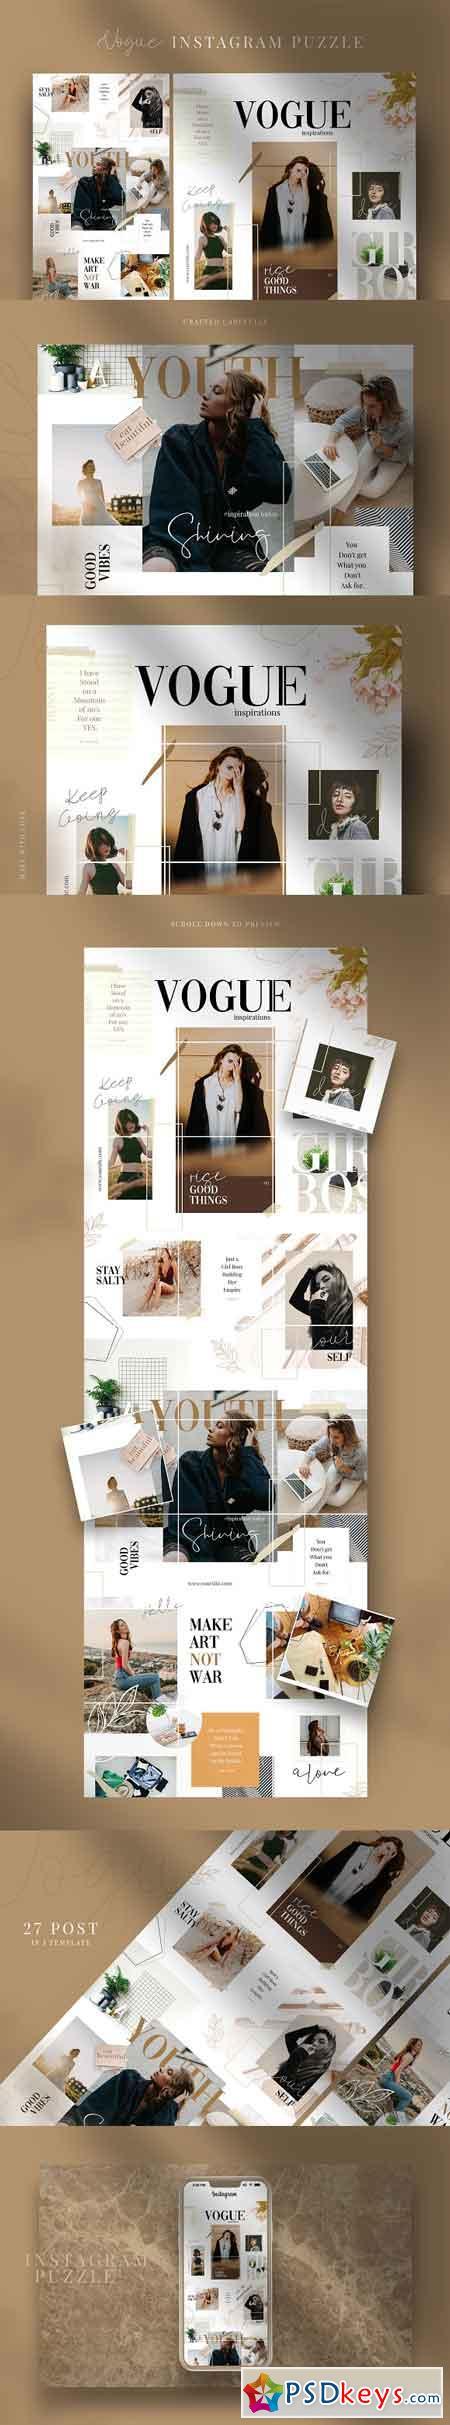 Vogue - instagram puzzle 3125793